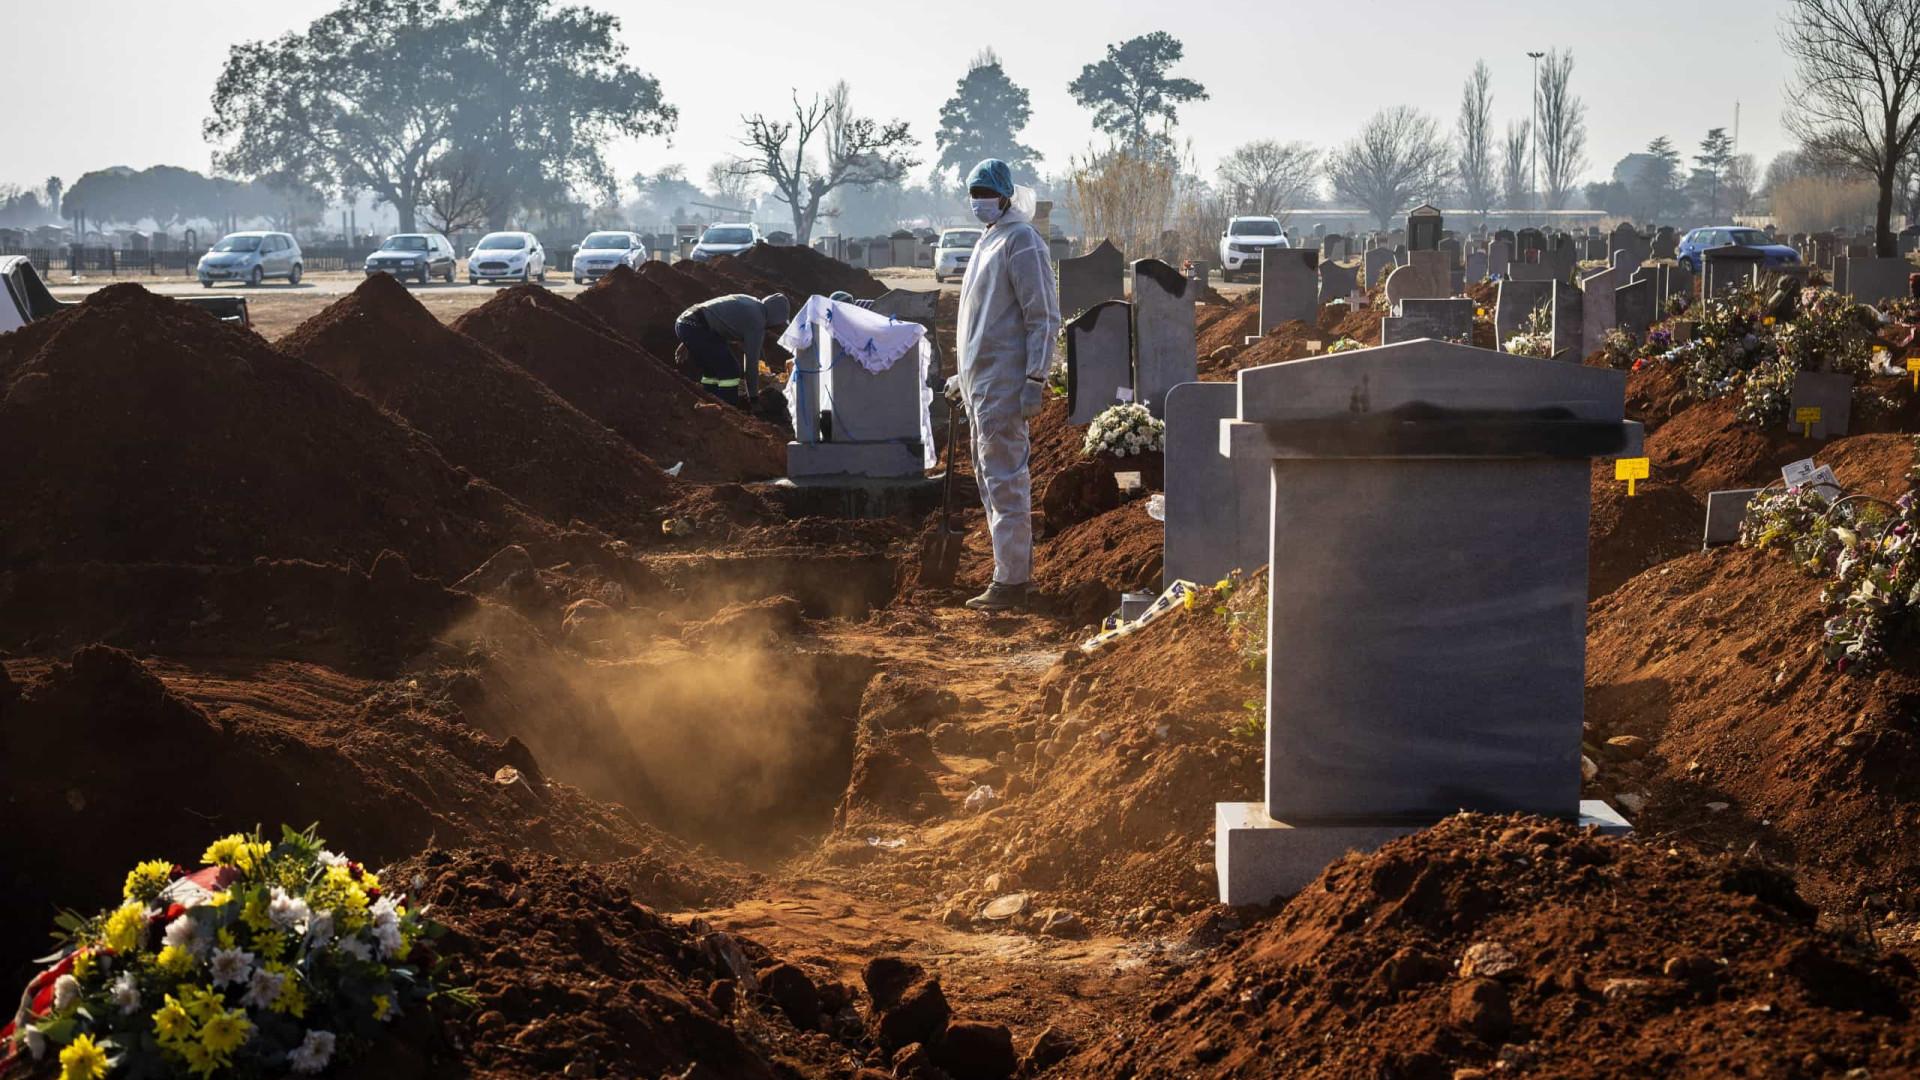 Pandemia provocou mais de 2.4 milhões de mortes em todo o mundo